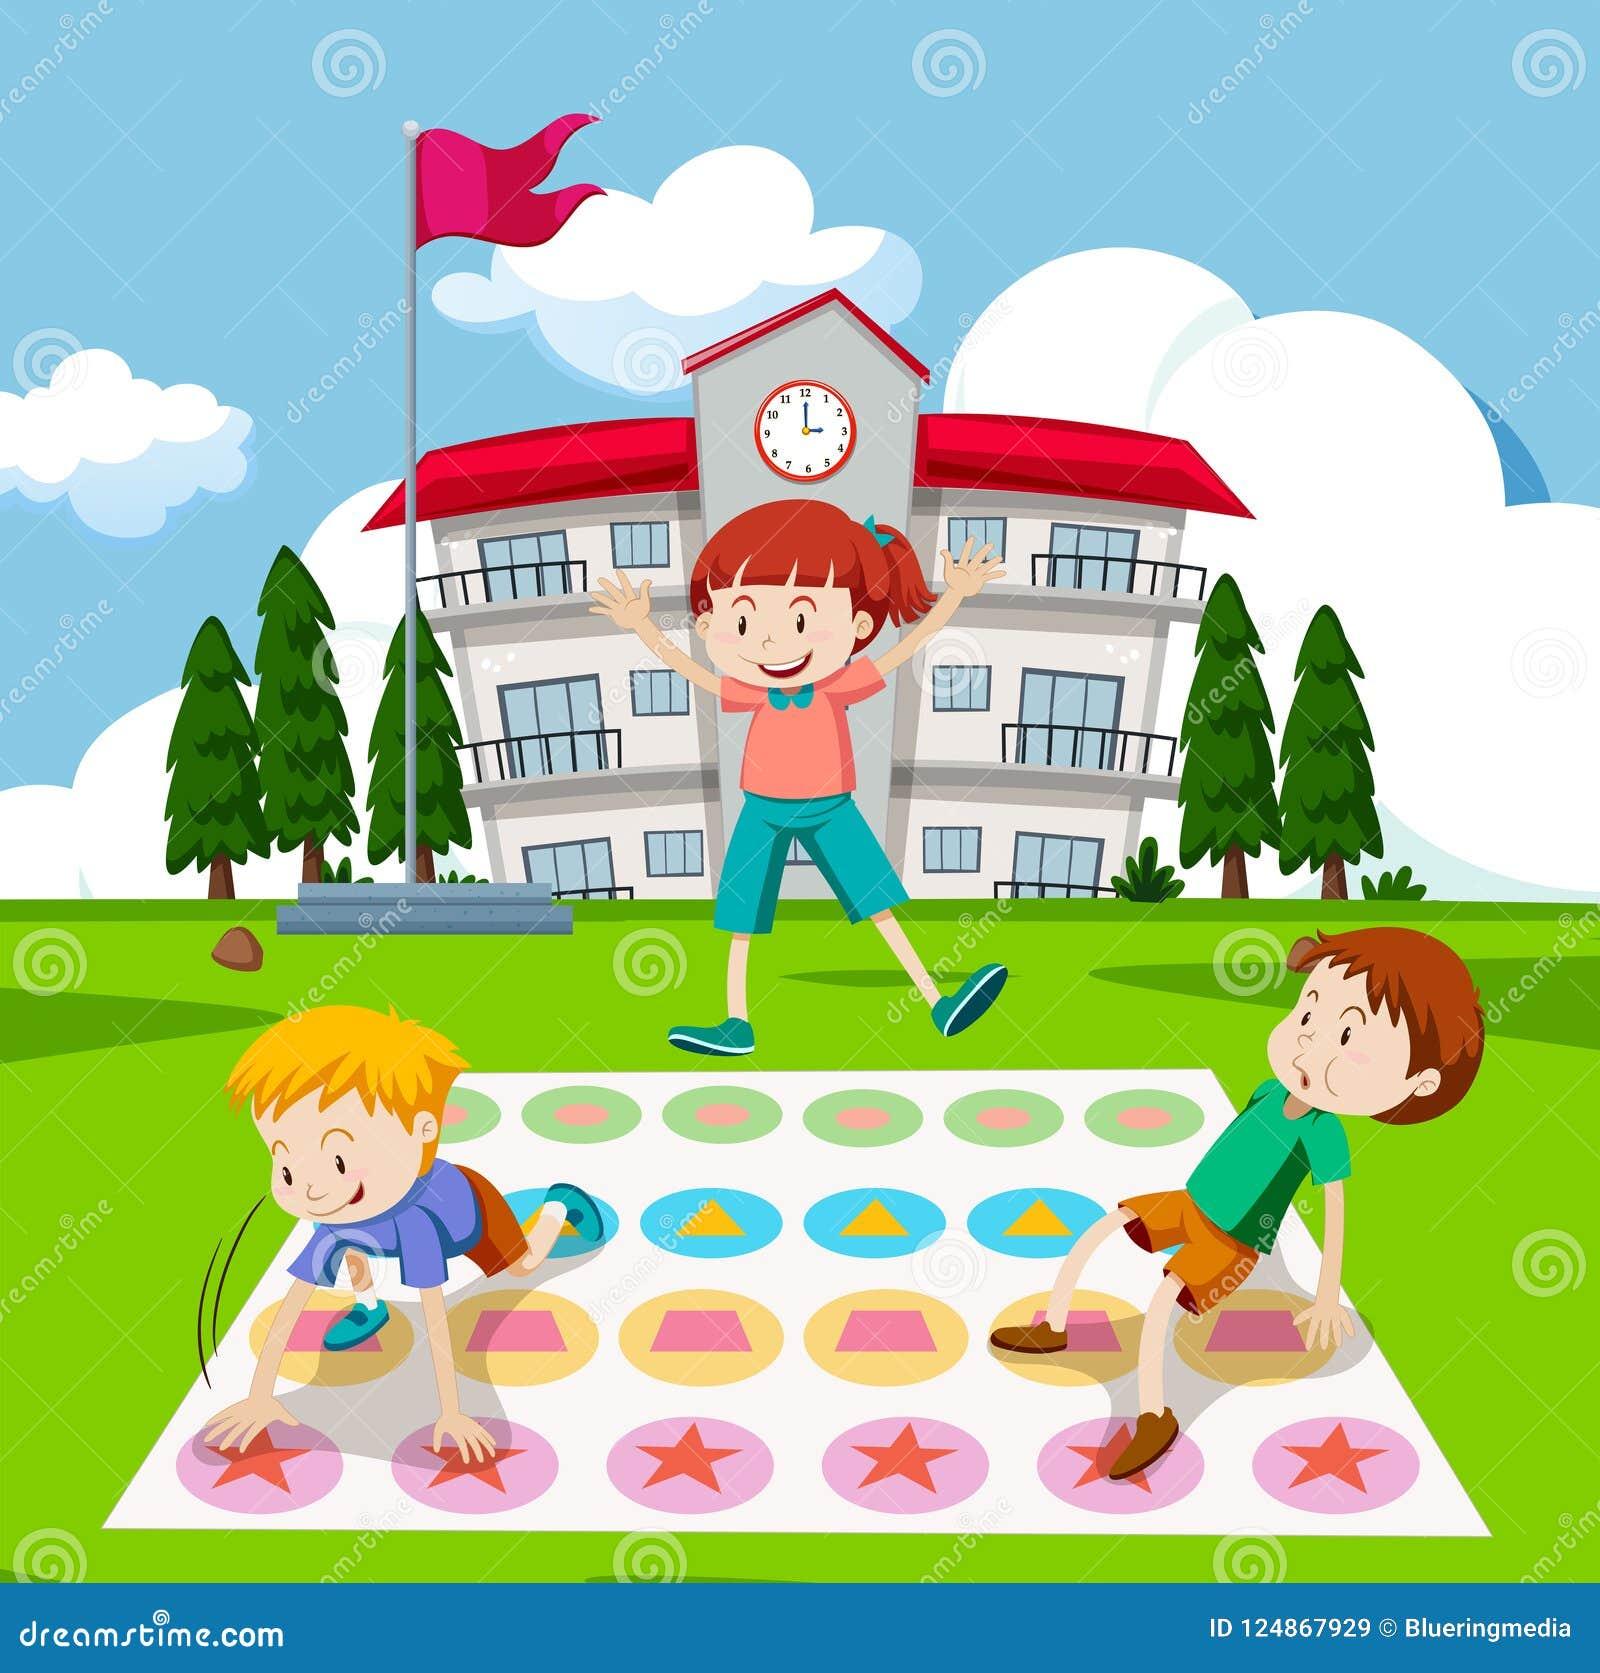 Kinderen die twister spel spelen